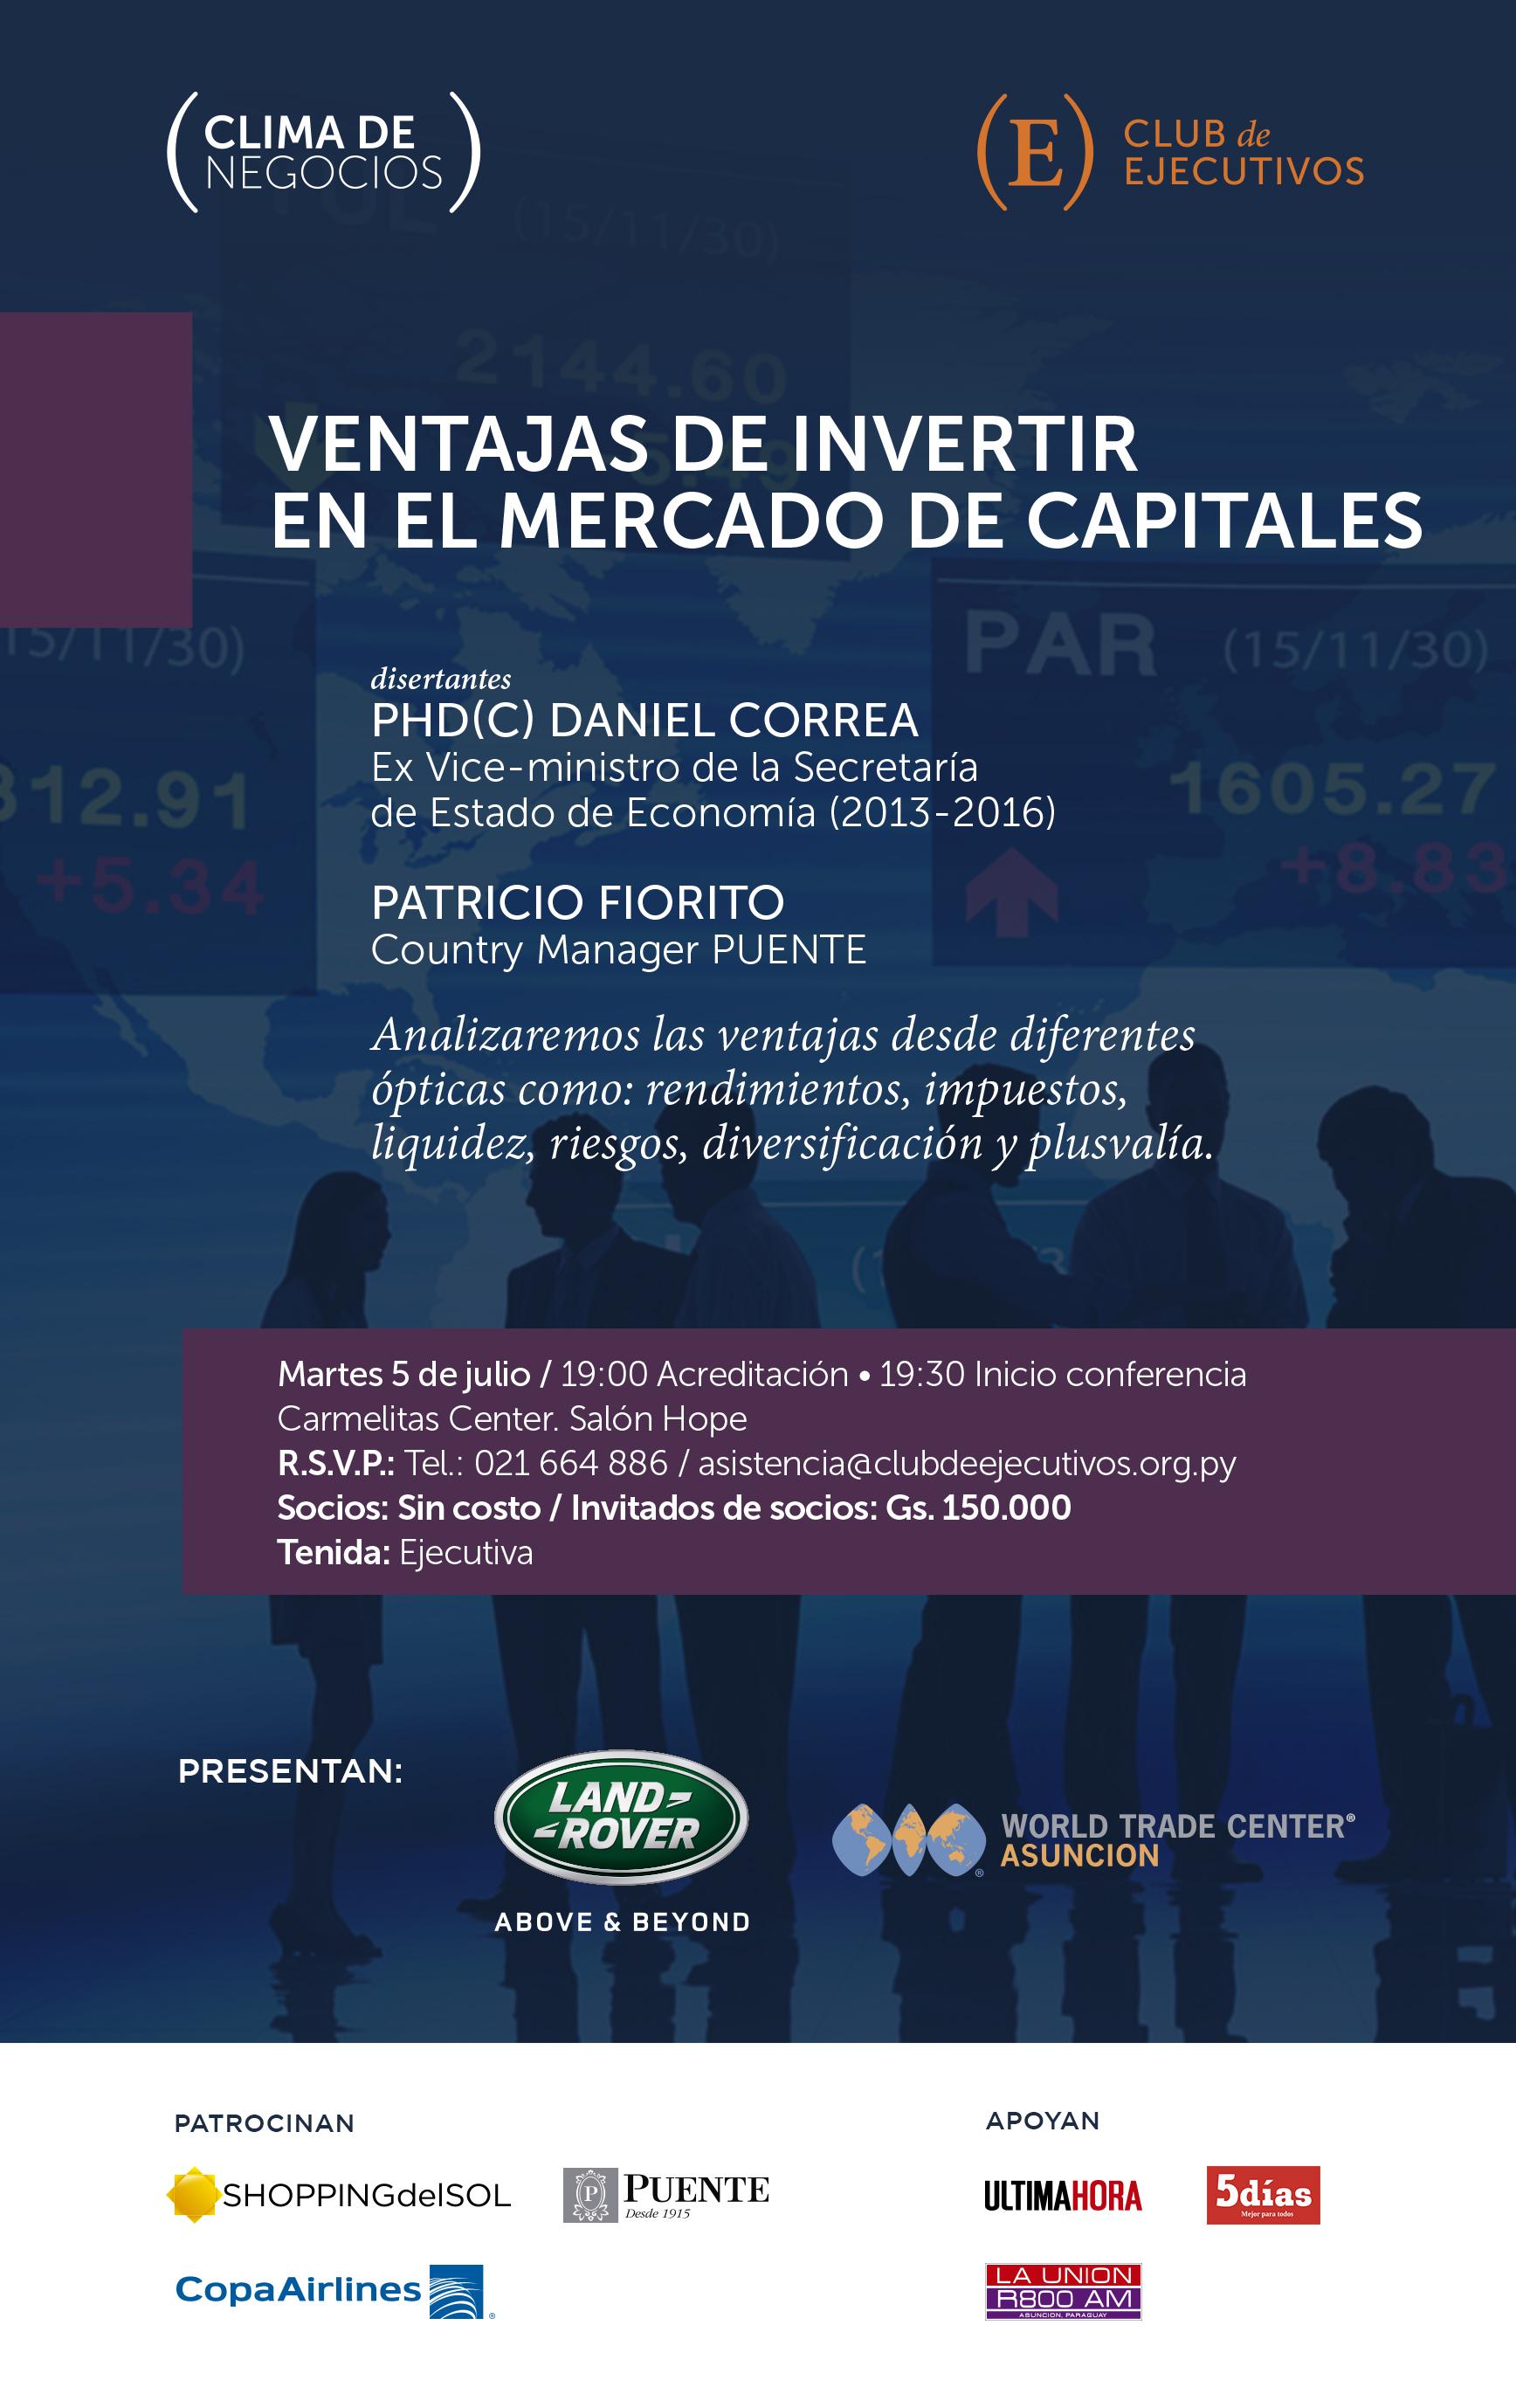 Club de Ejecutivos presenta: Ventajas de invertir en el mercado de capitales